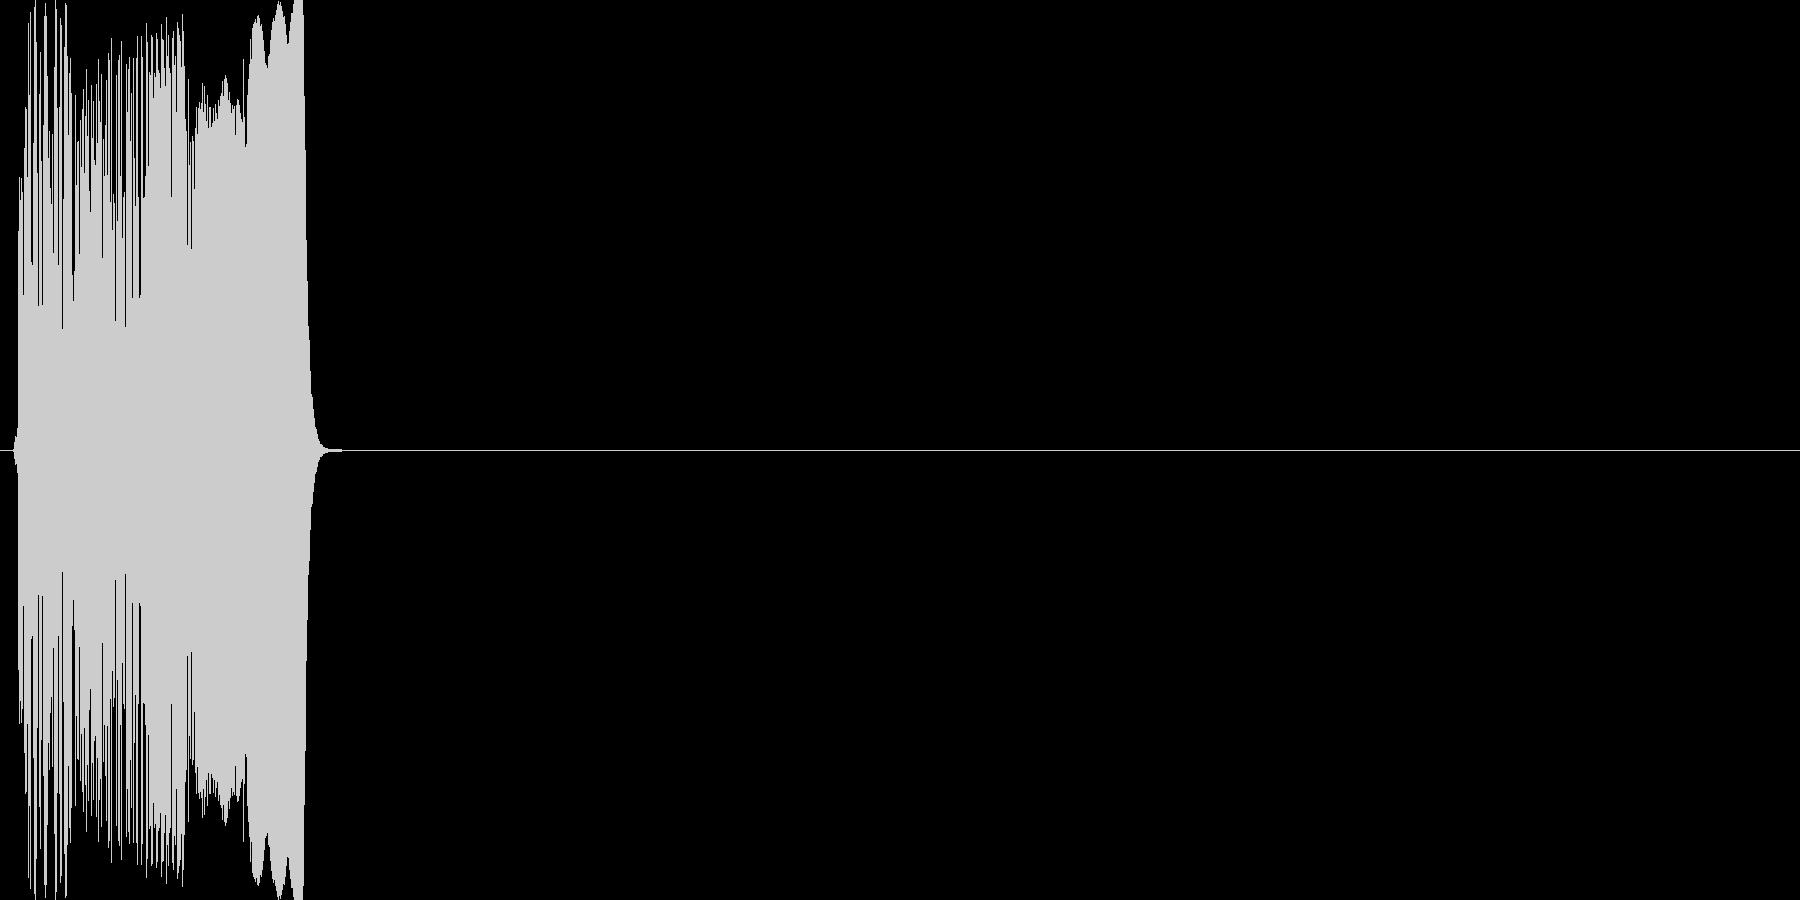 レトロゲームSE_ファミコン_攻撃_01の未再生の波形